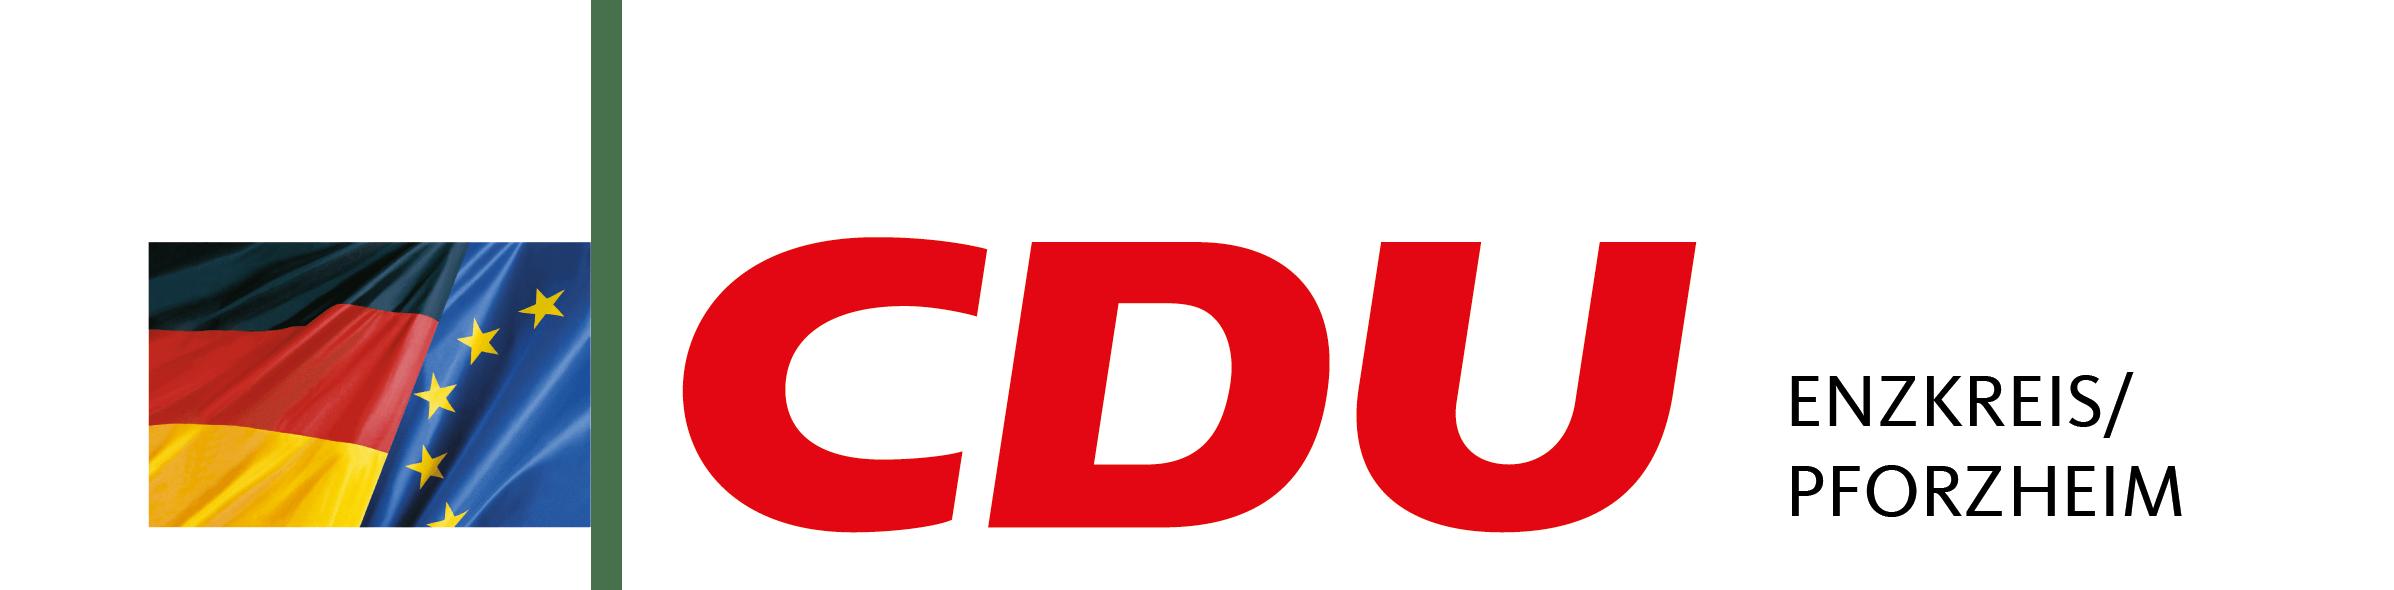 Logo von CDU Kreisverband Enzkreis/Pforzheim